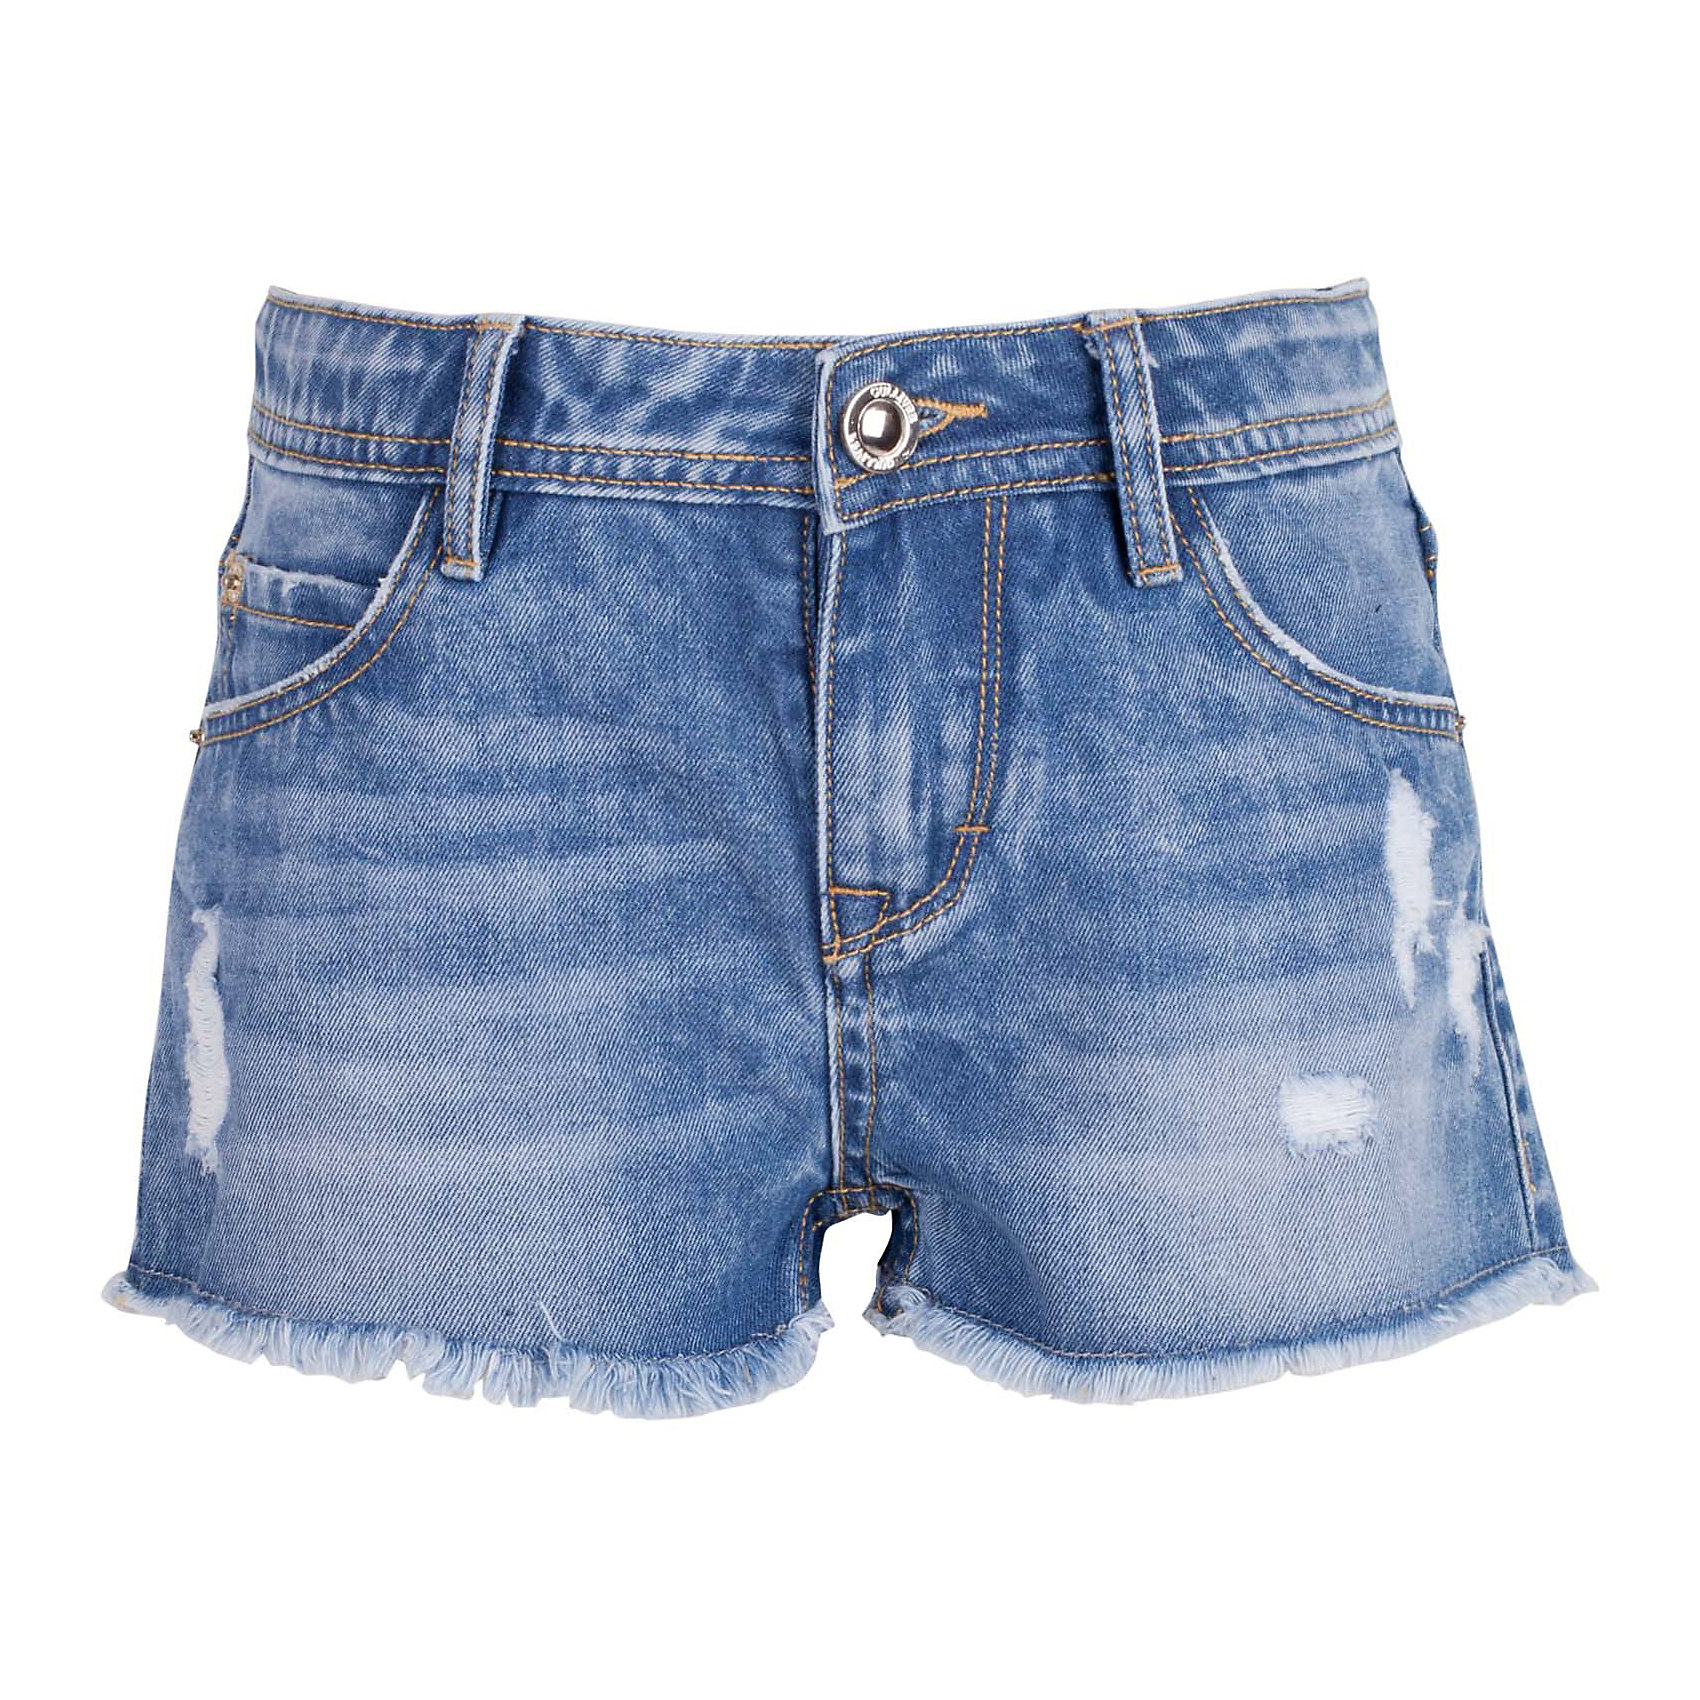 Шорты джинсовые для девочки GulliverШорты, бриджи, капри<br>Джинсовые шорты для девочки - изделие из разряда must have! Во-первых, это стильный удобный элемент гардероба, идеально подходящий к любой футболке, майке, джемперу. Во-вторых, джинсовые шорты очень практичны, а значит, незаменимы для активных игр и долгих прогулок на свежем воздухе. Многие, конечно, уже знакомы со стильными джинсовыми моделями от Gulliver! Модная посадка изделия на фигуре, варка, повреждения, потертости... В сезоне Весна/Лето 2017 у вас снова есть шанс купить шорты от лучшего бренда! Синие джинсовые шорты для девочки - оптимальное решение для яркого и комфортного лета!<br>Состав:<br>100% хлопок<br><br>Ширина мм: 191<br>Глубина мм: 10<br>Высота мм: 175<br>Вес г: 273<br>Цвет: синий<br>Возраст от месяцев: 108<br>Возраст до месяцев: 120<br>Пол: Женский<br>Возраст: Детский<br>Размер: 122,128,134,140<br>SKU: 5484036